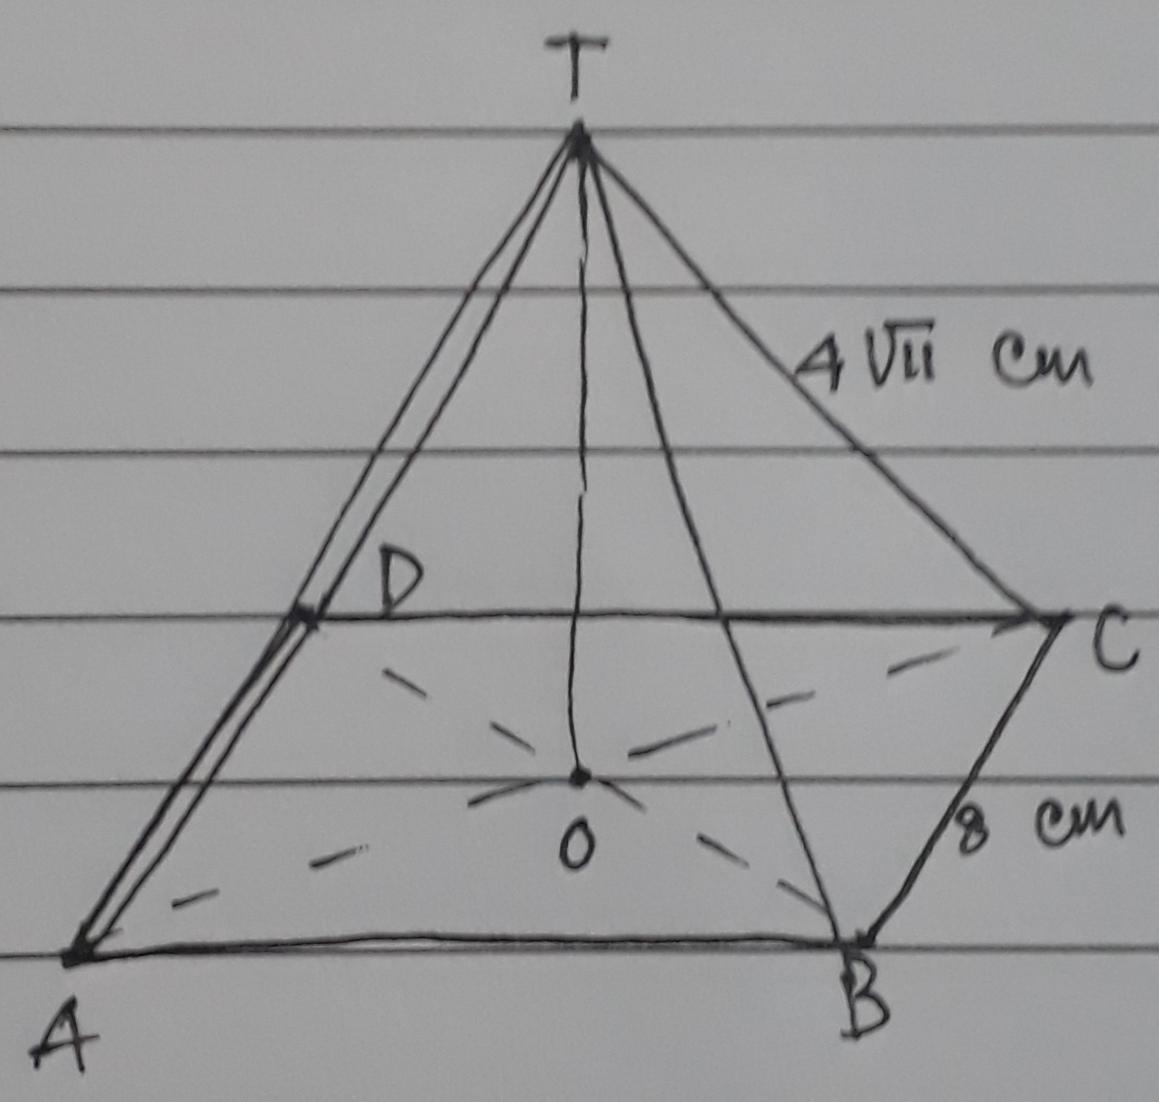 Diketahui limas segi empat beraturan T. ABCD dengan ...